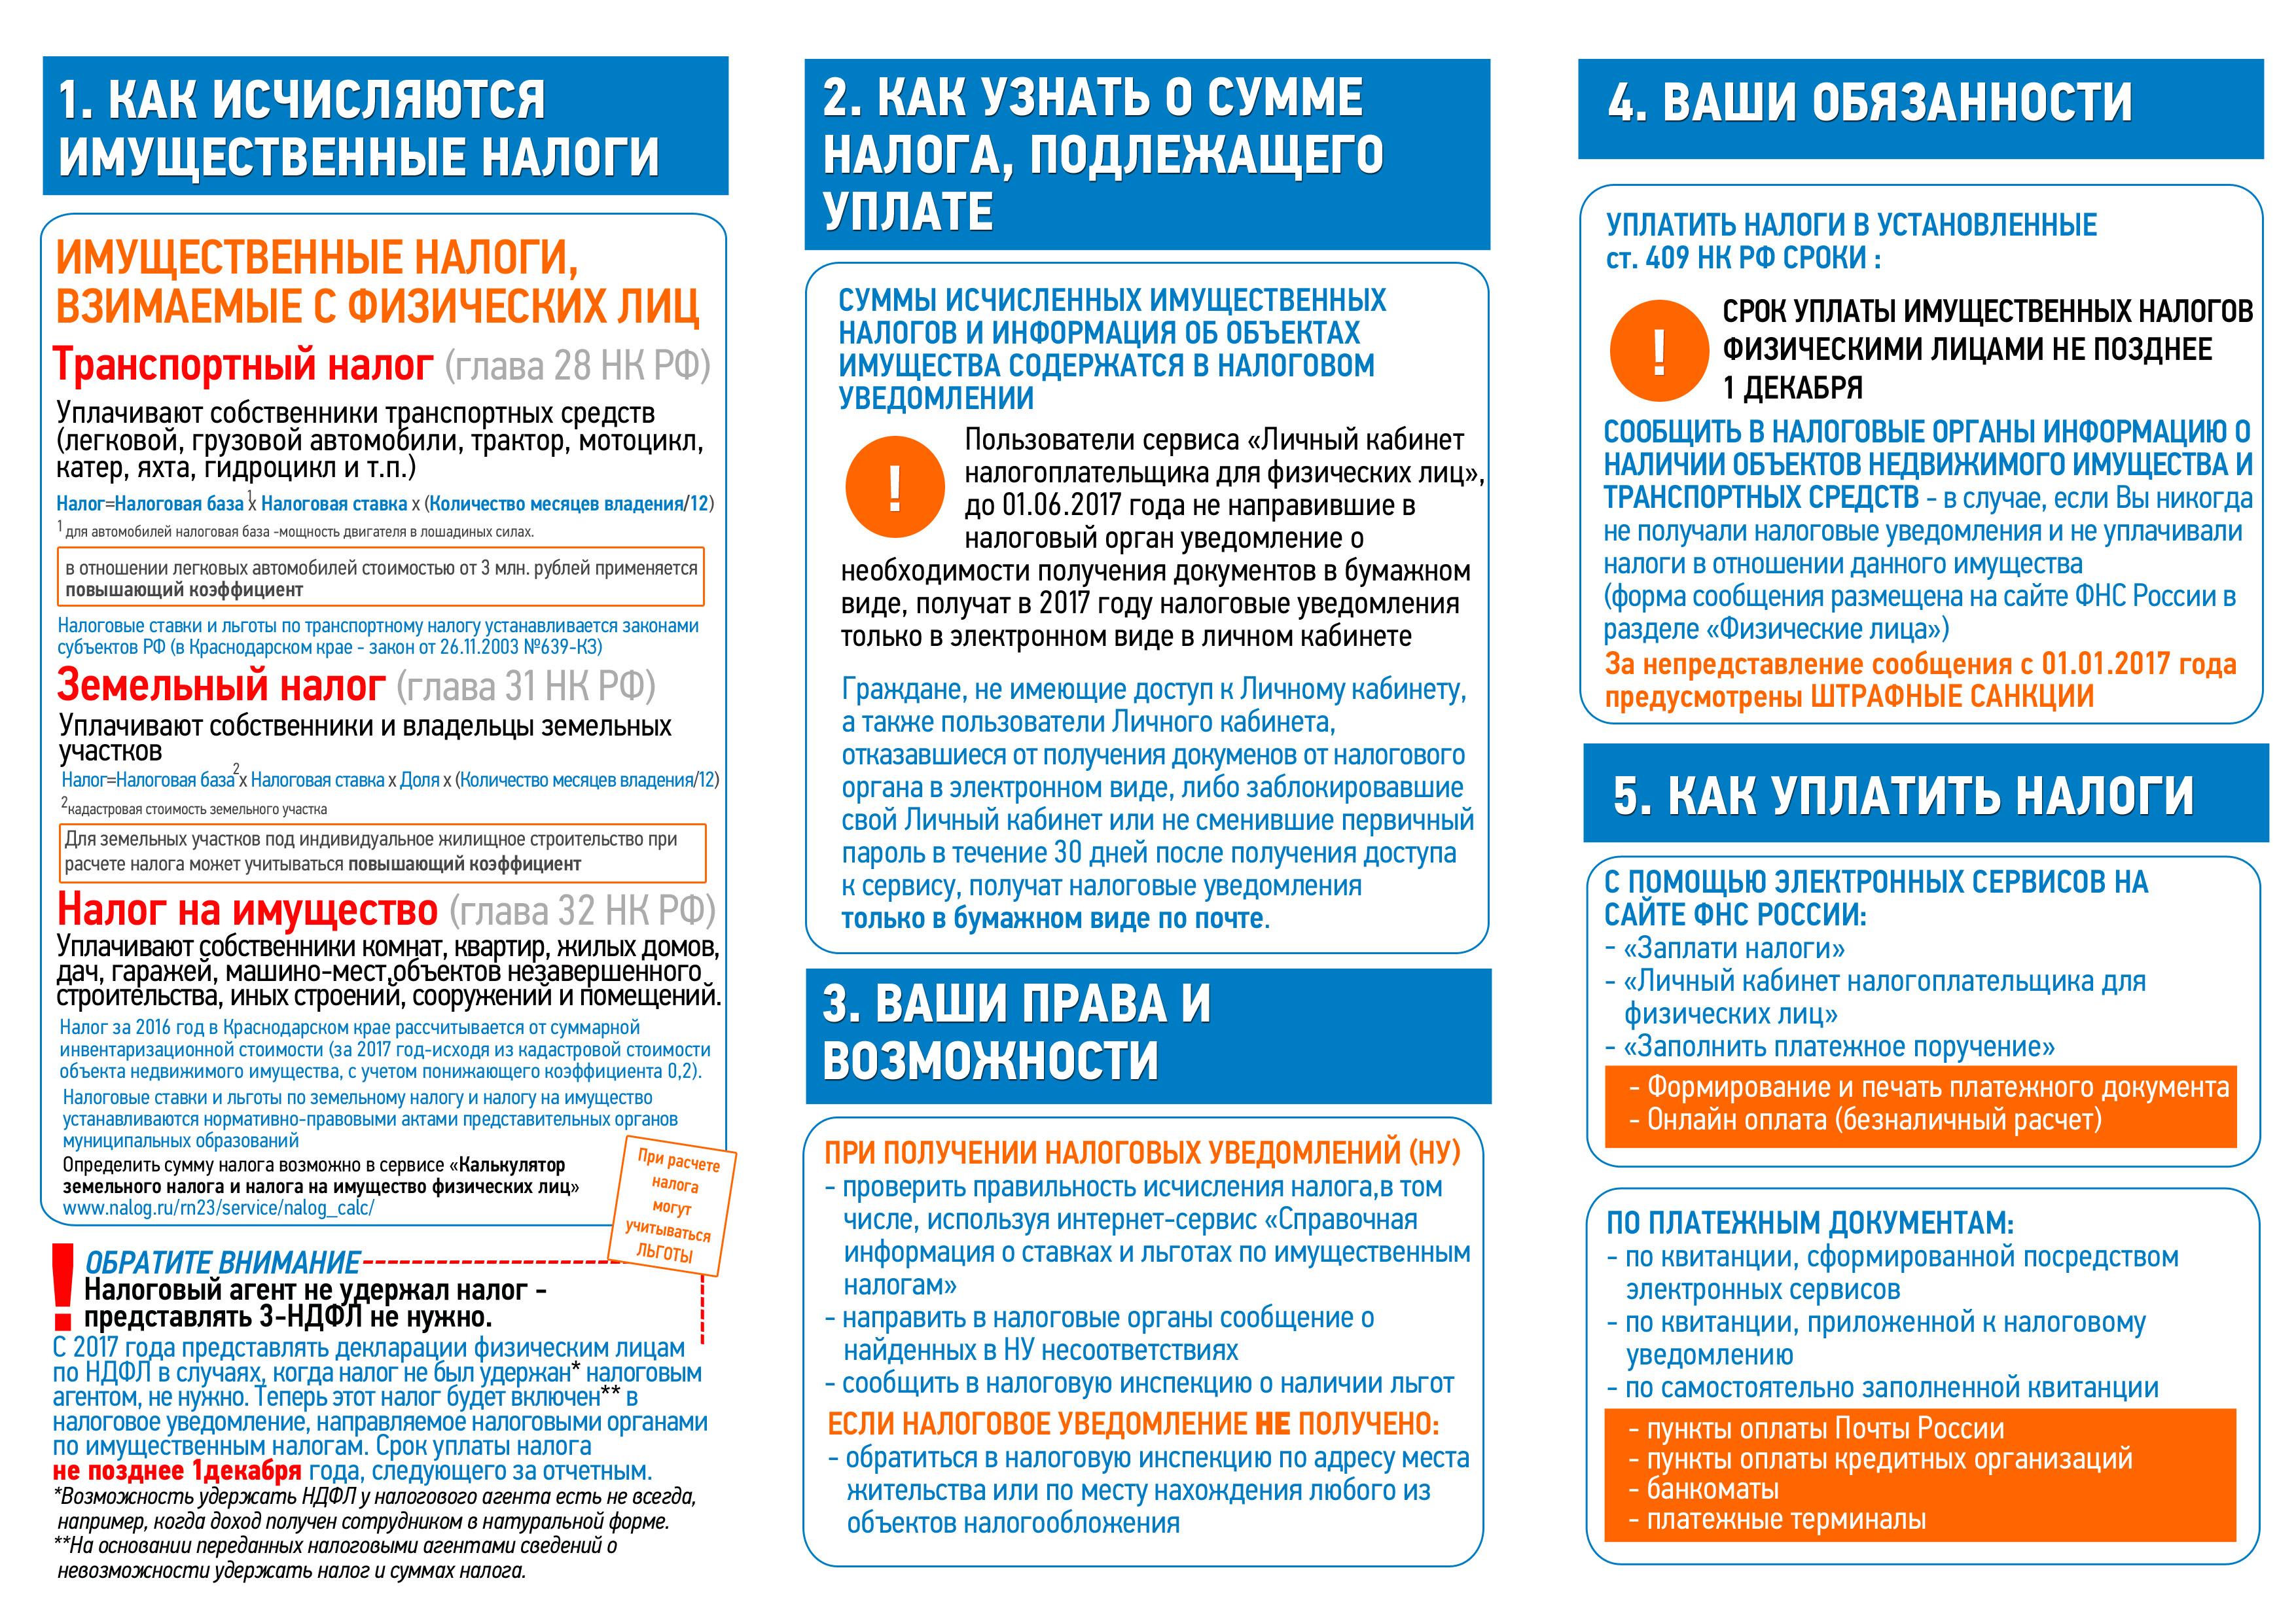 памятка А4_имущ налоги_2 лист